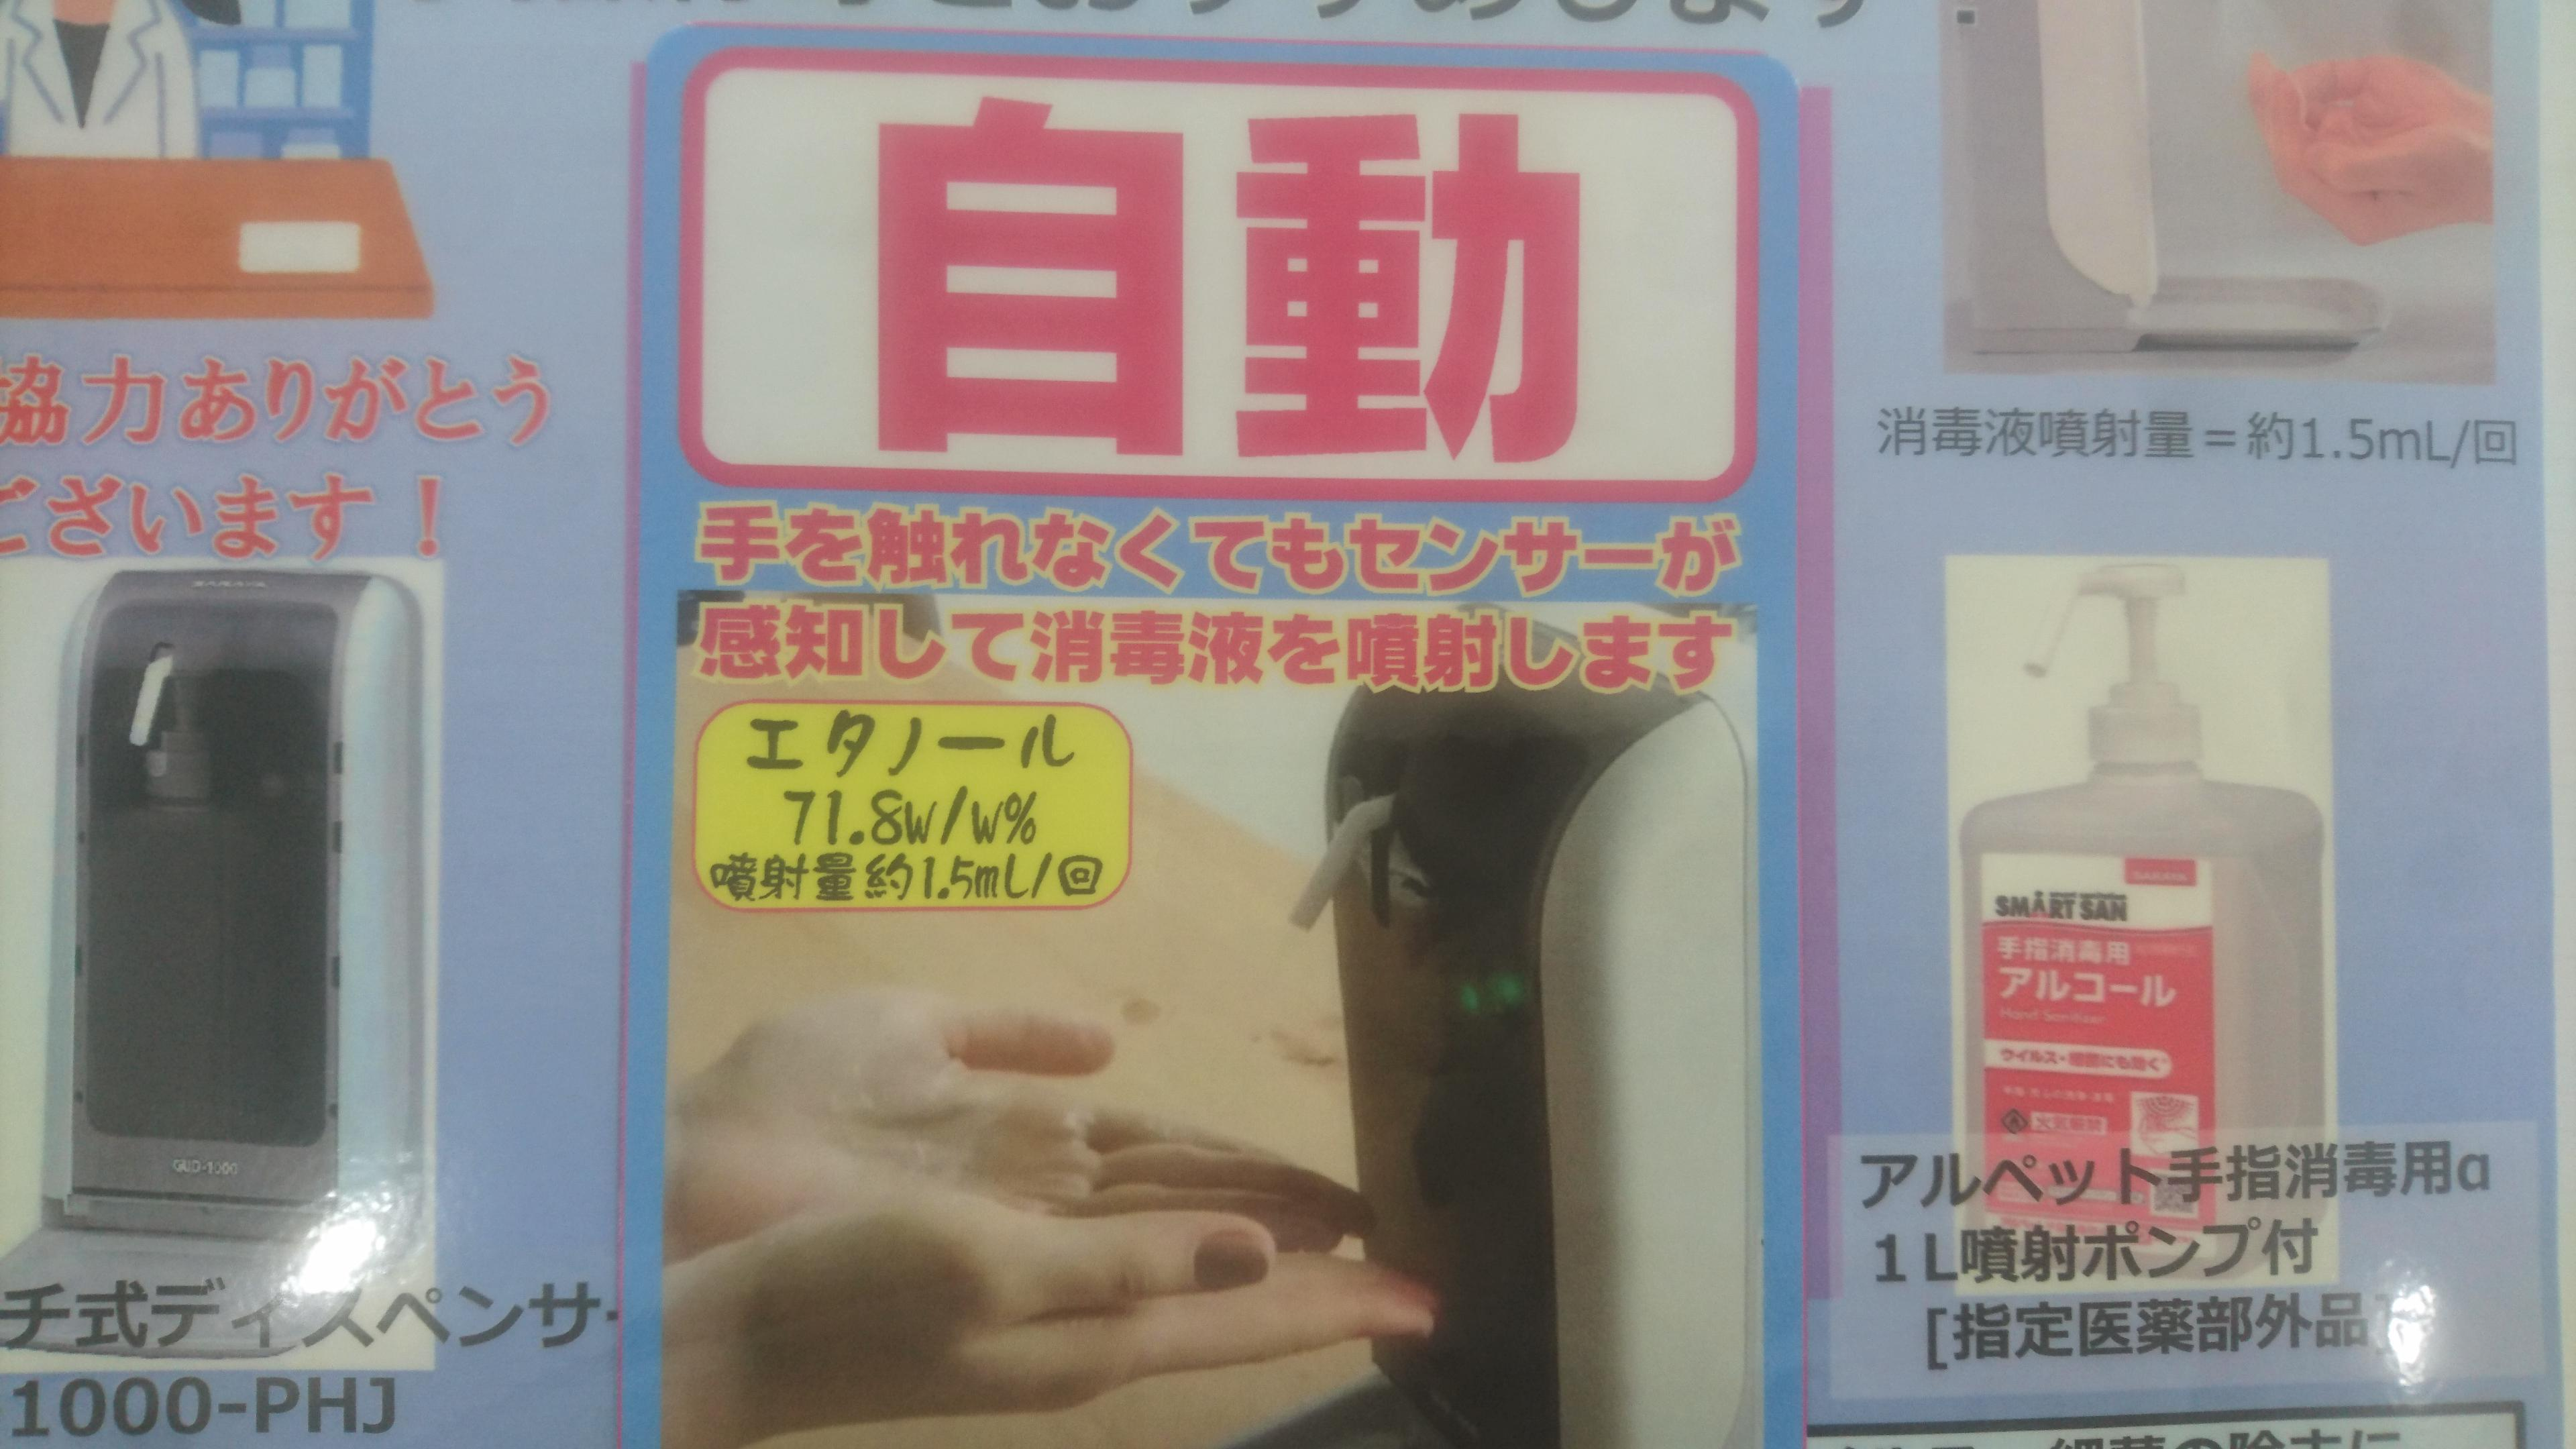 消毒 アル ペット 用 手指